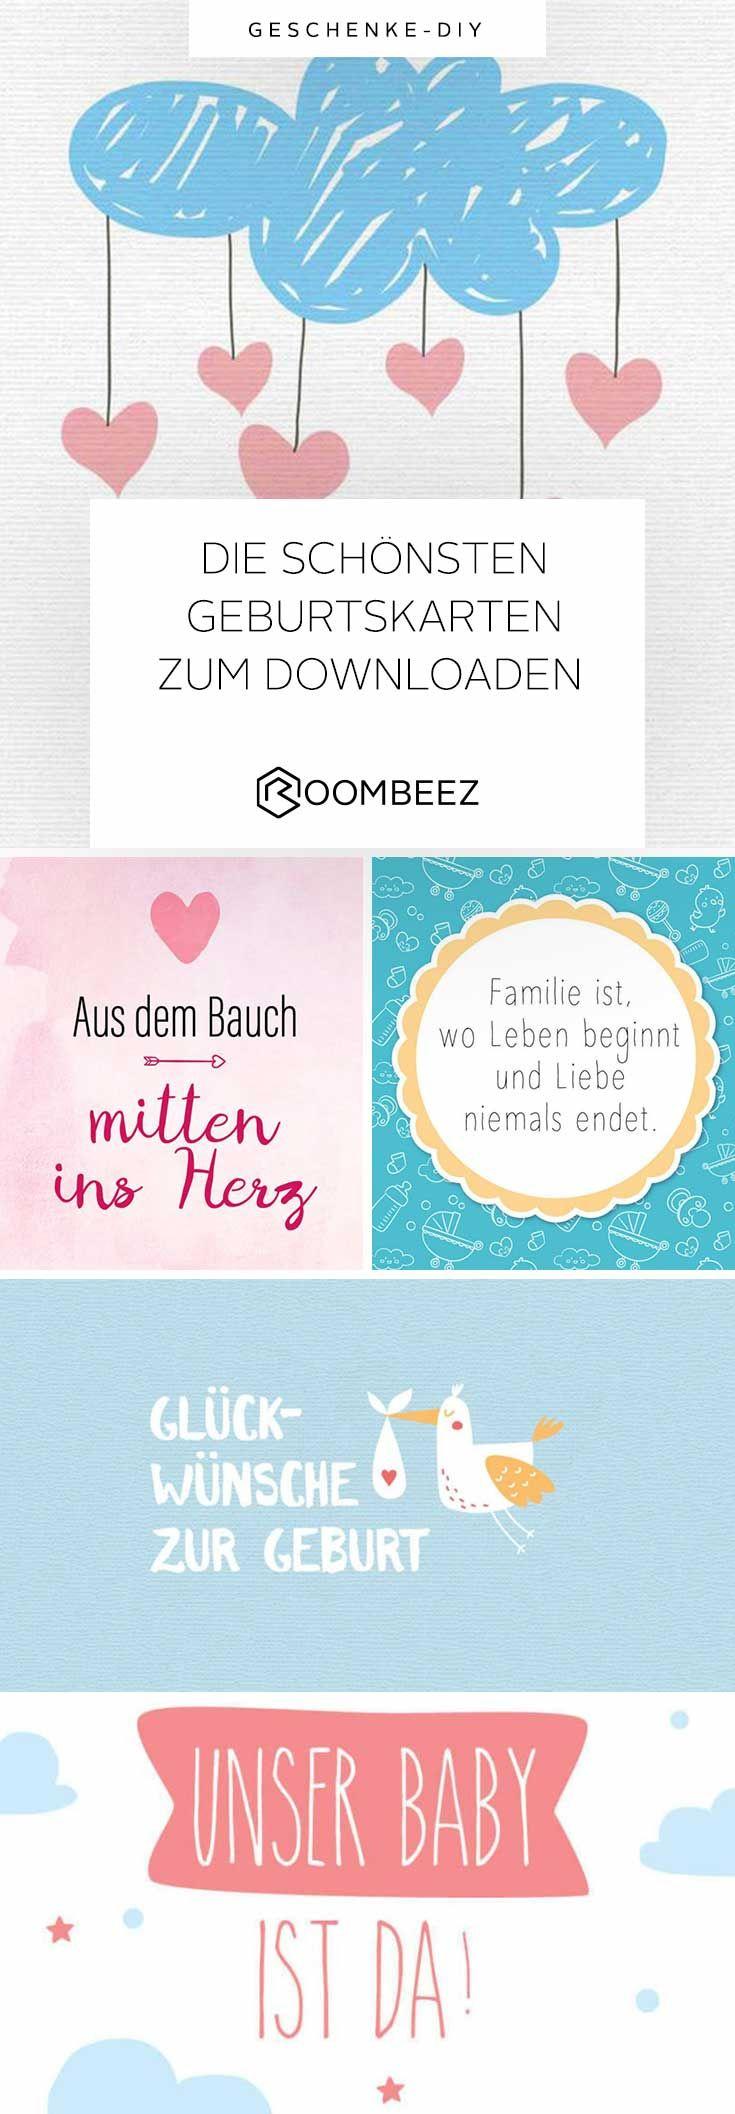 Glückwünsche Zur Geburt » 20 Kostenlose Babykarten verwandt mit Geburtskarte Kostenlos